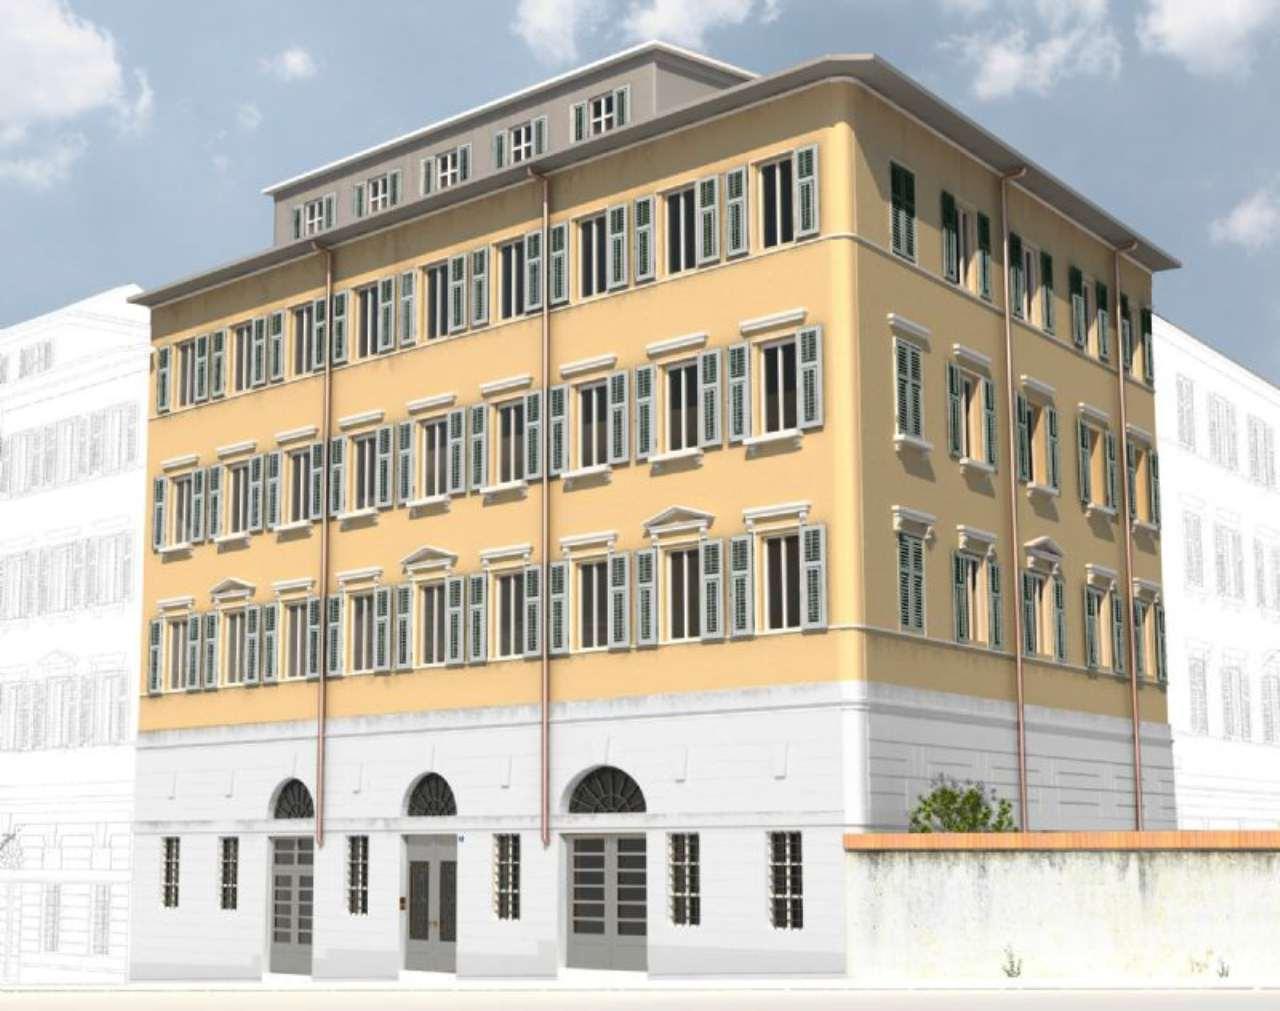 Appartamento in vendita a Trieste, 3 locali, prezzo € 190.000 | Cambio Casa.it